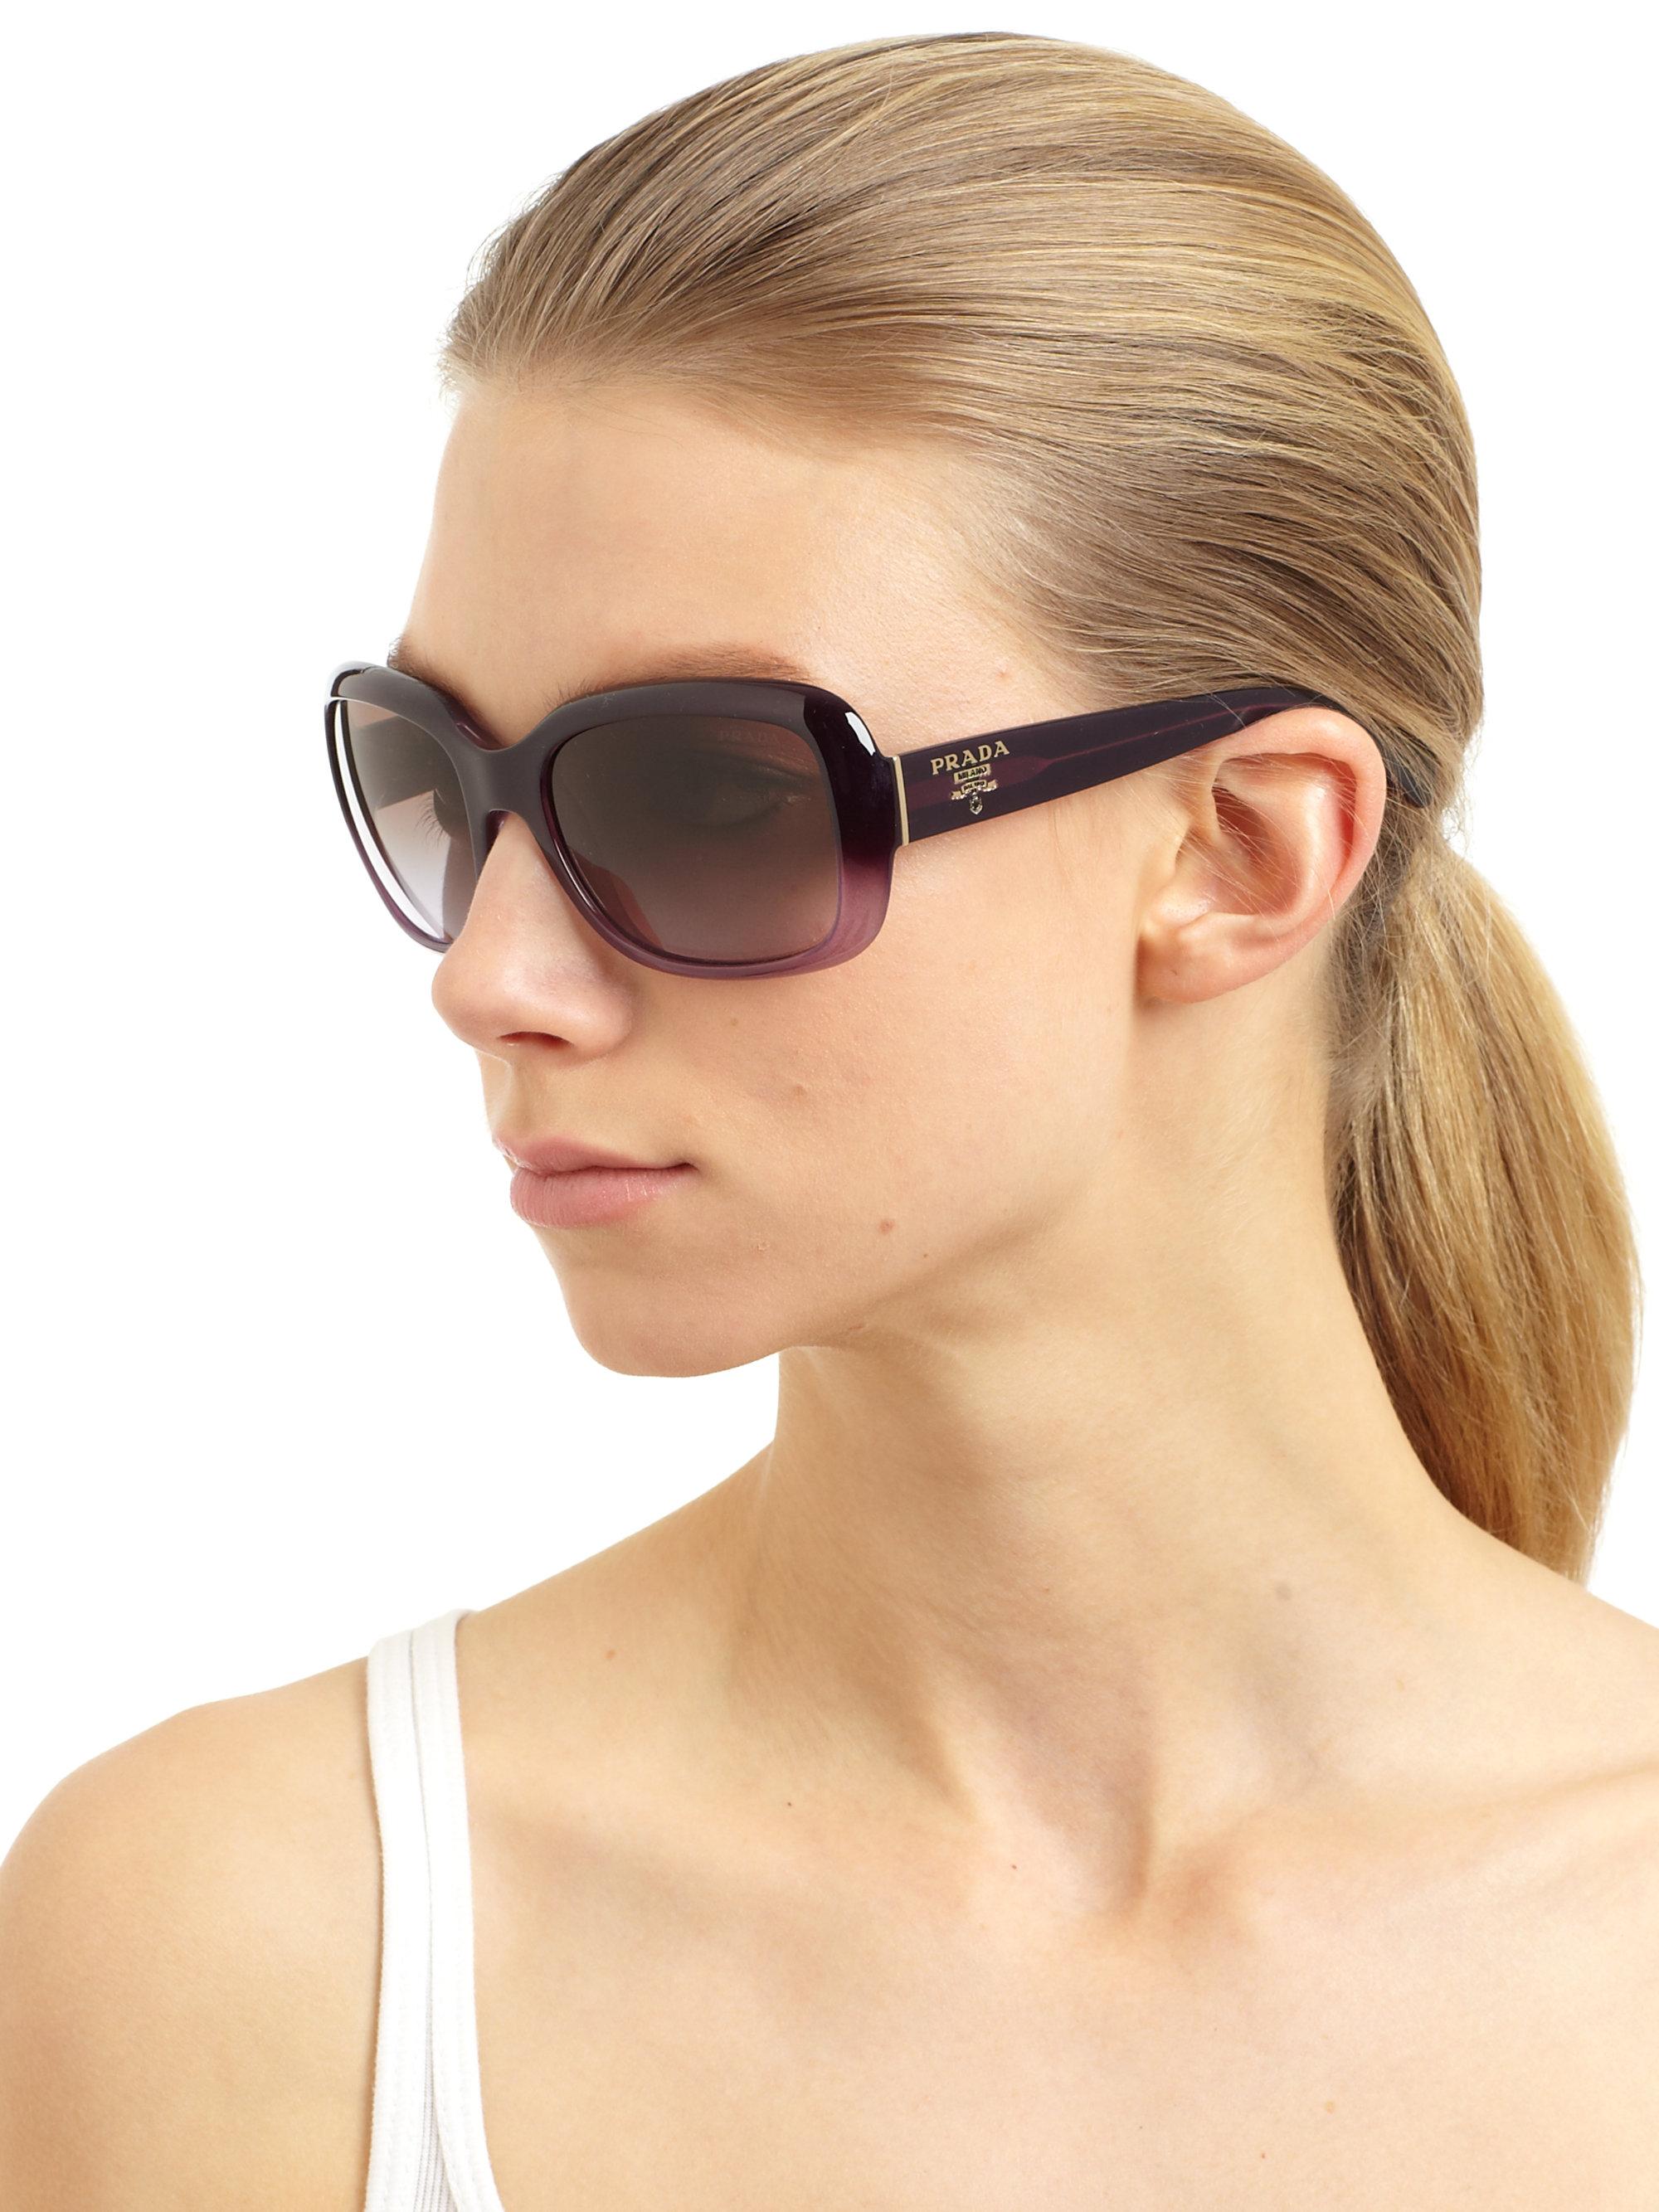 62ad354507abd ... reduced lyst prada oversized square glam sunglasses in purple 4c0ec  0c1c2